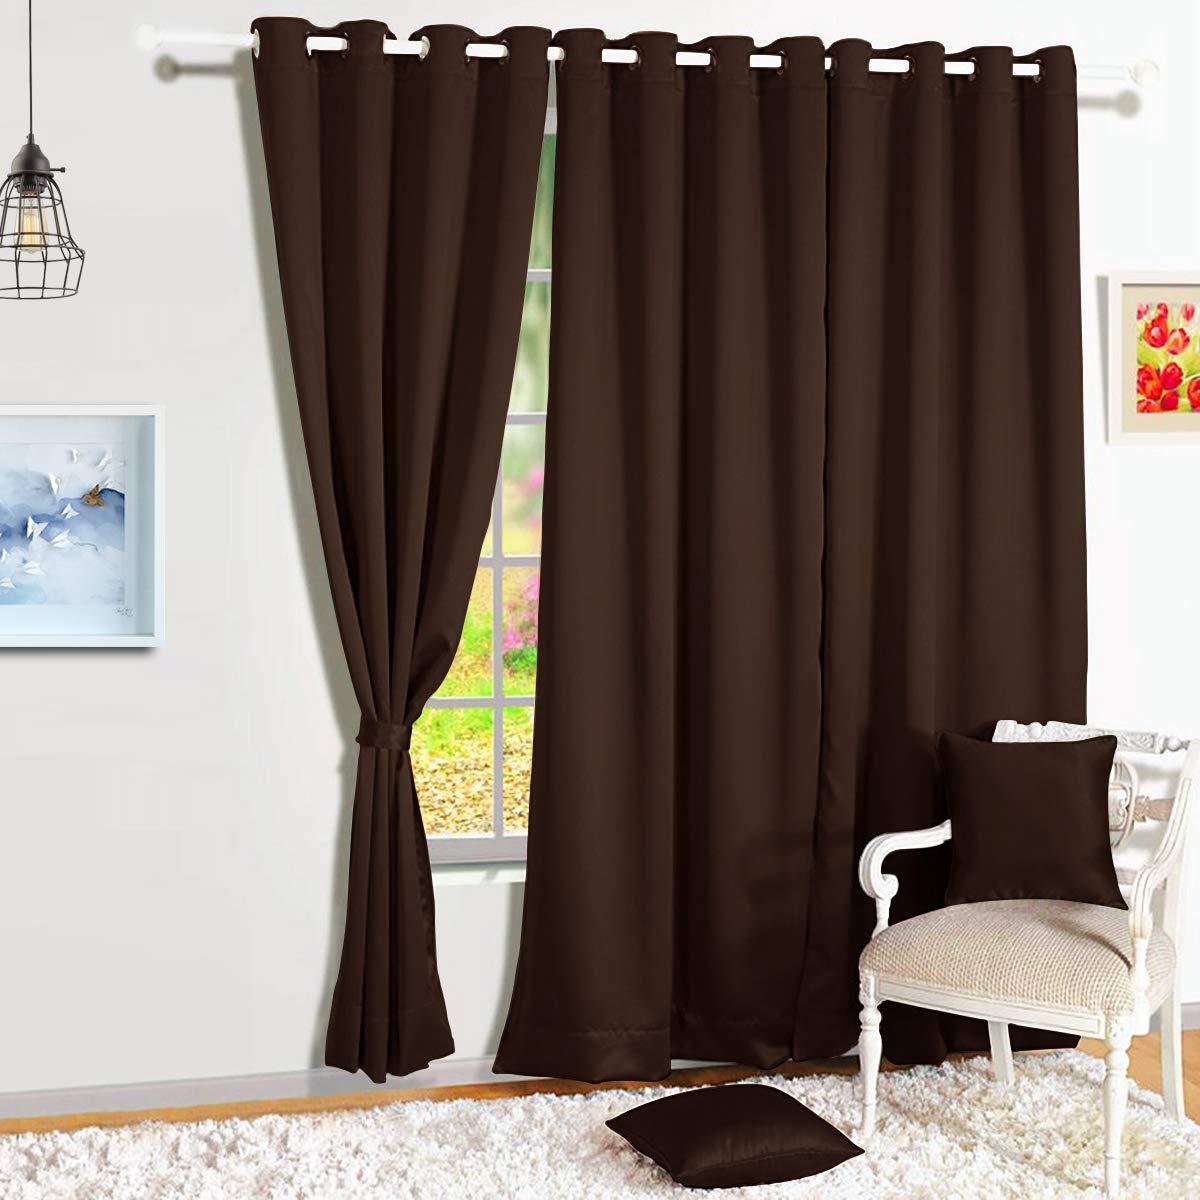 curtainblind